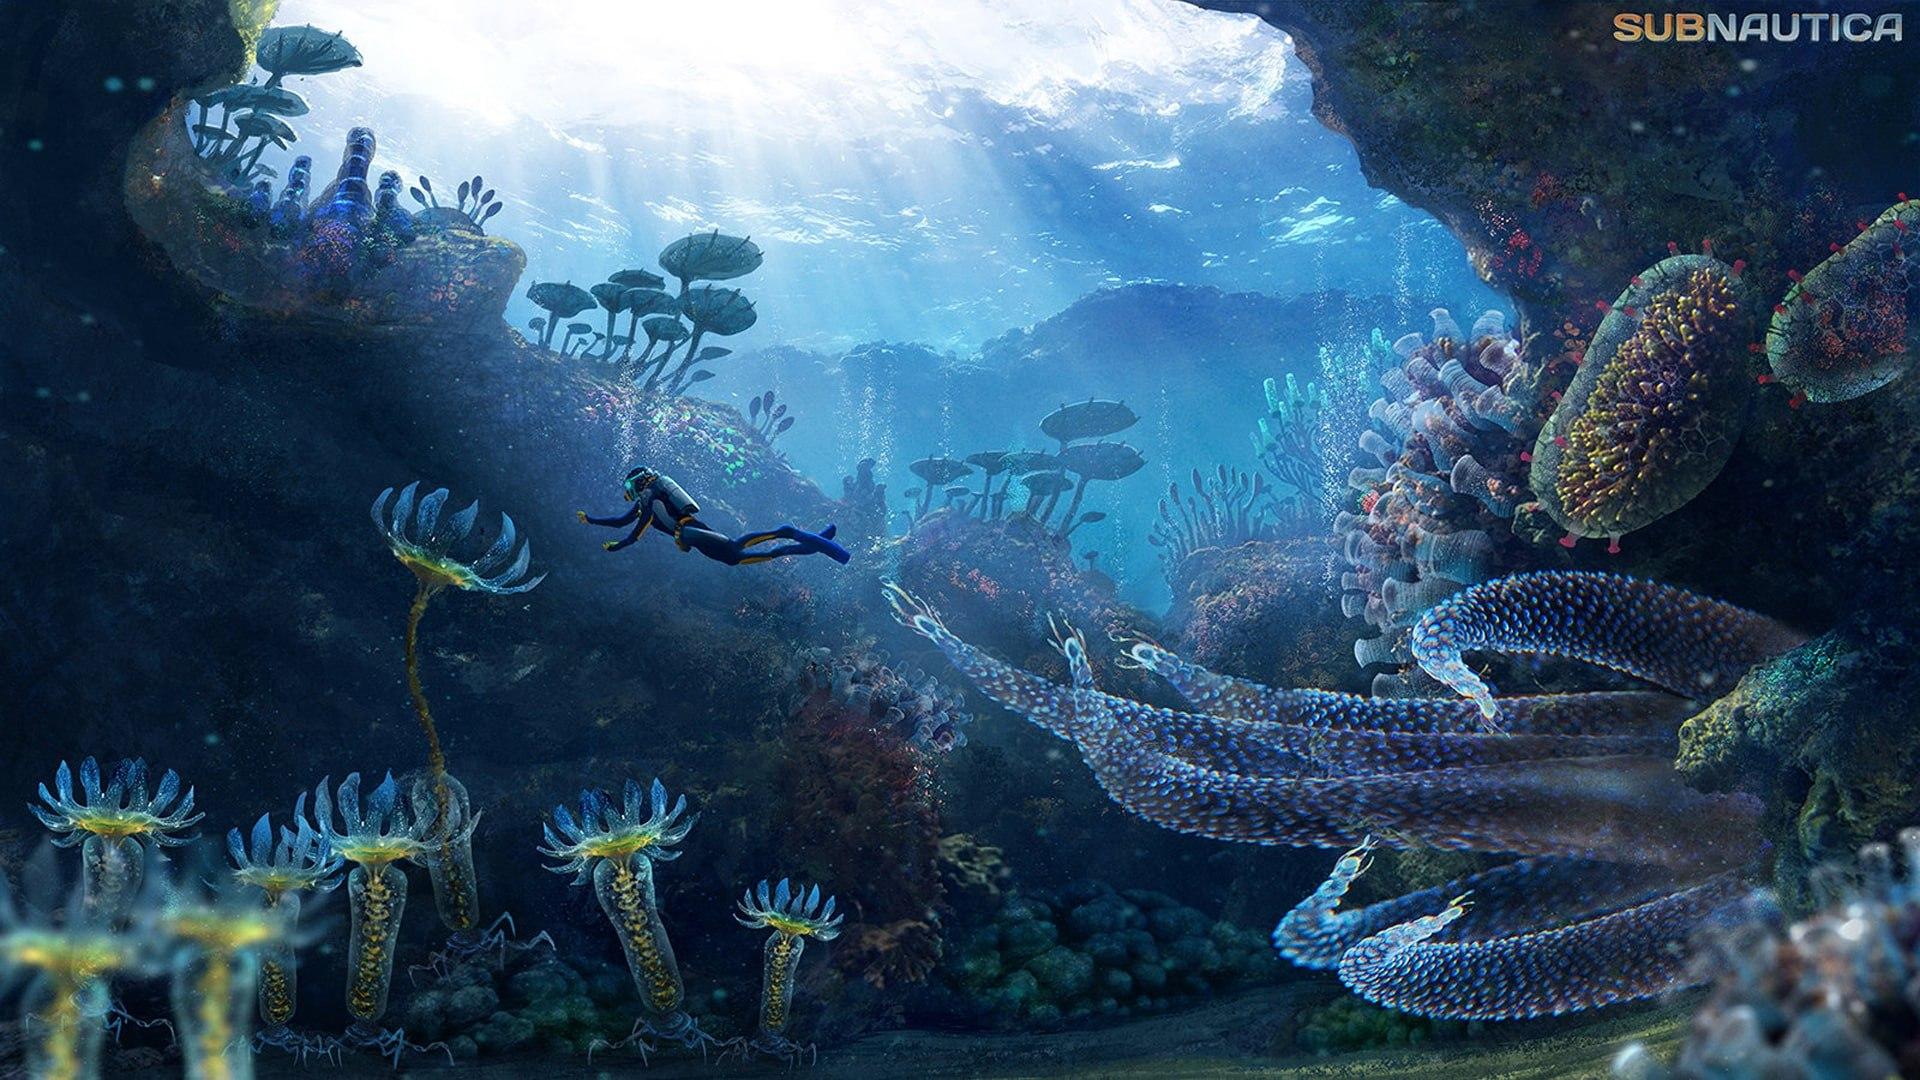 اکانت اریجینال PS4 بازی Subnautica   ریجن اروپا و امریکا